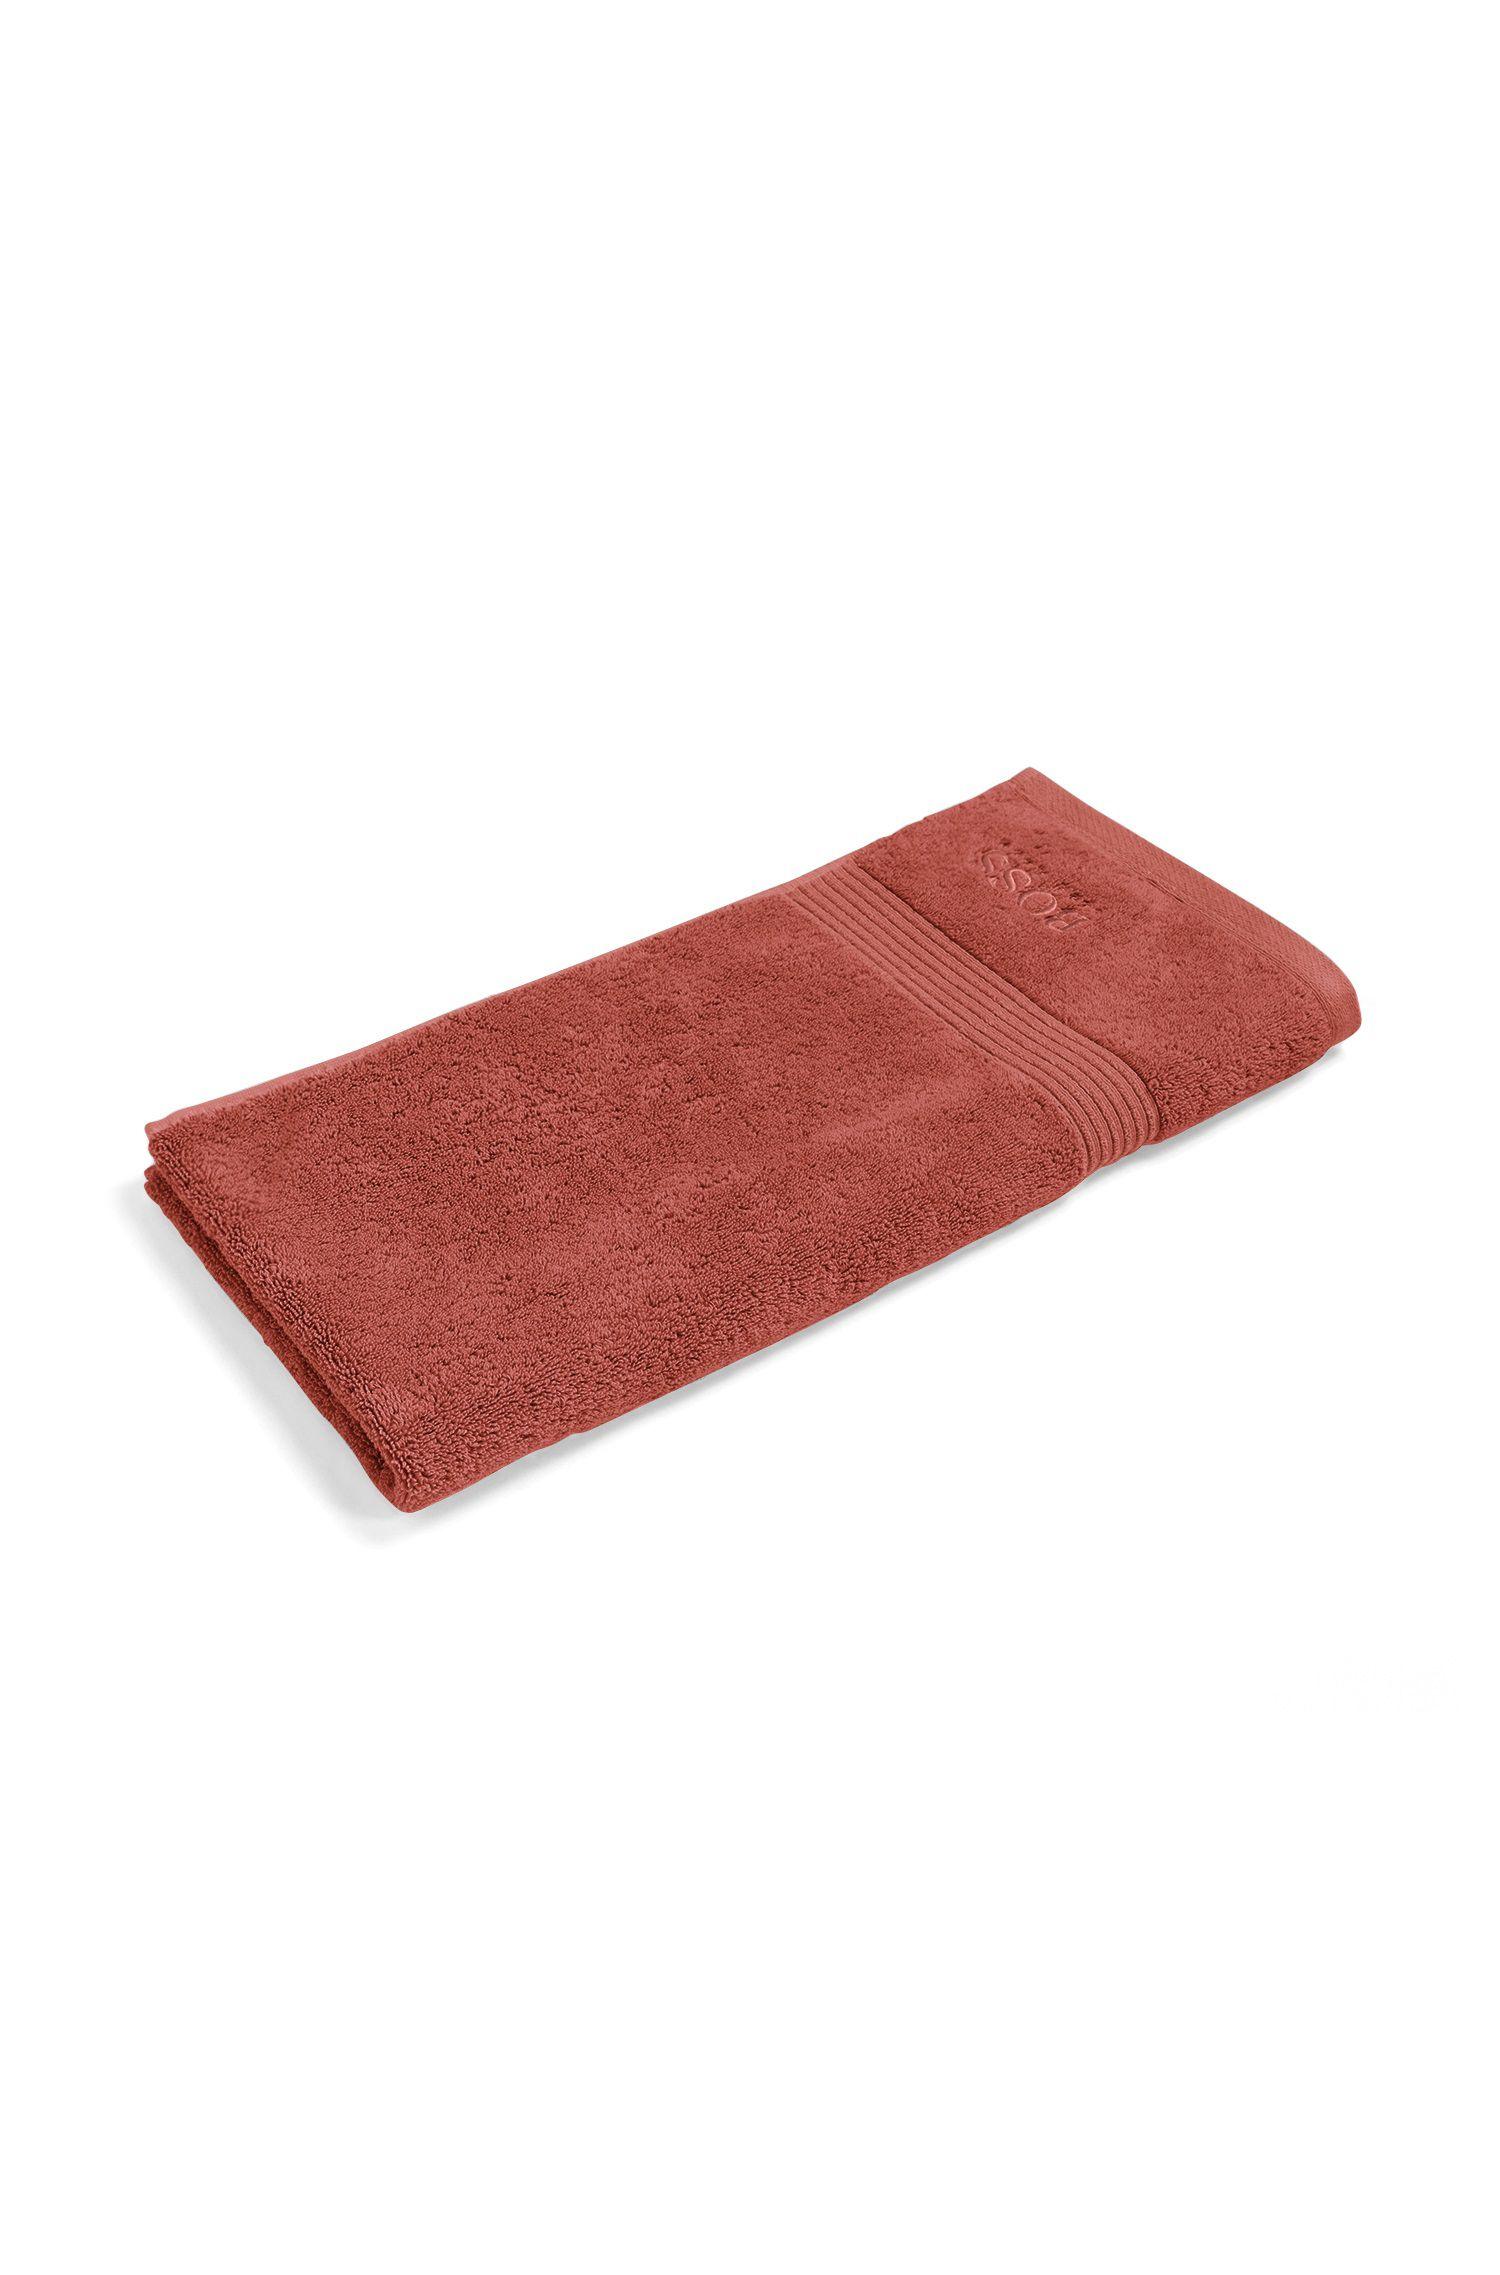 Serviette de toilette «Loft Serviette toile» en coton éponge